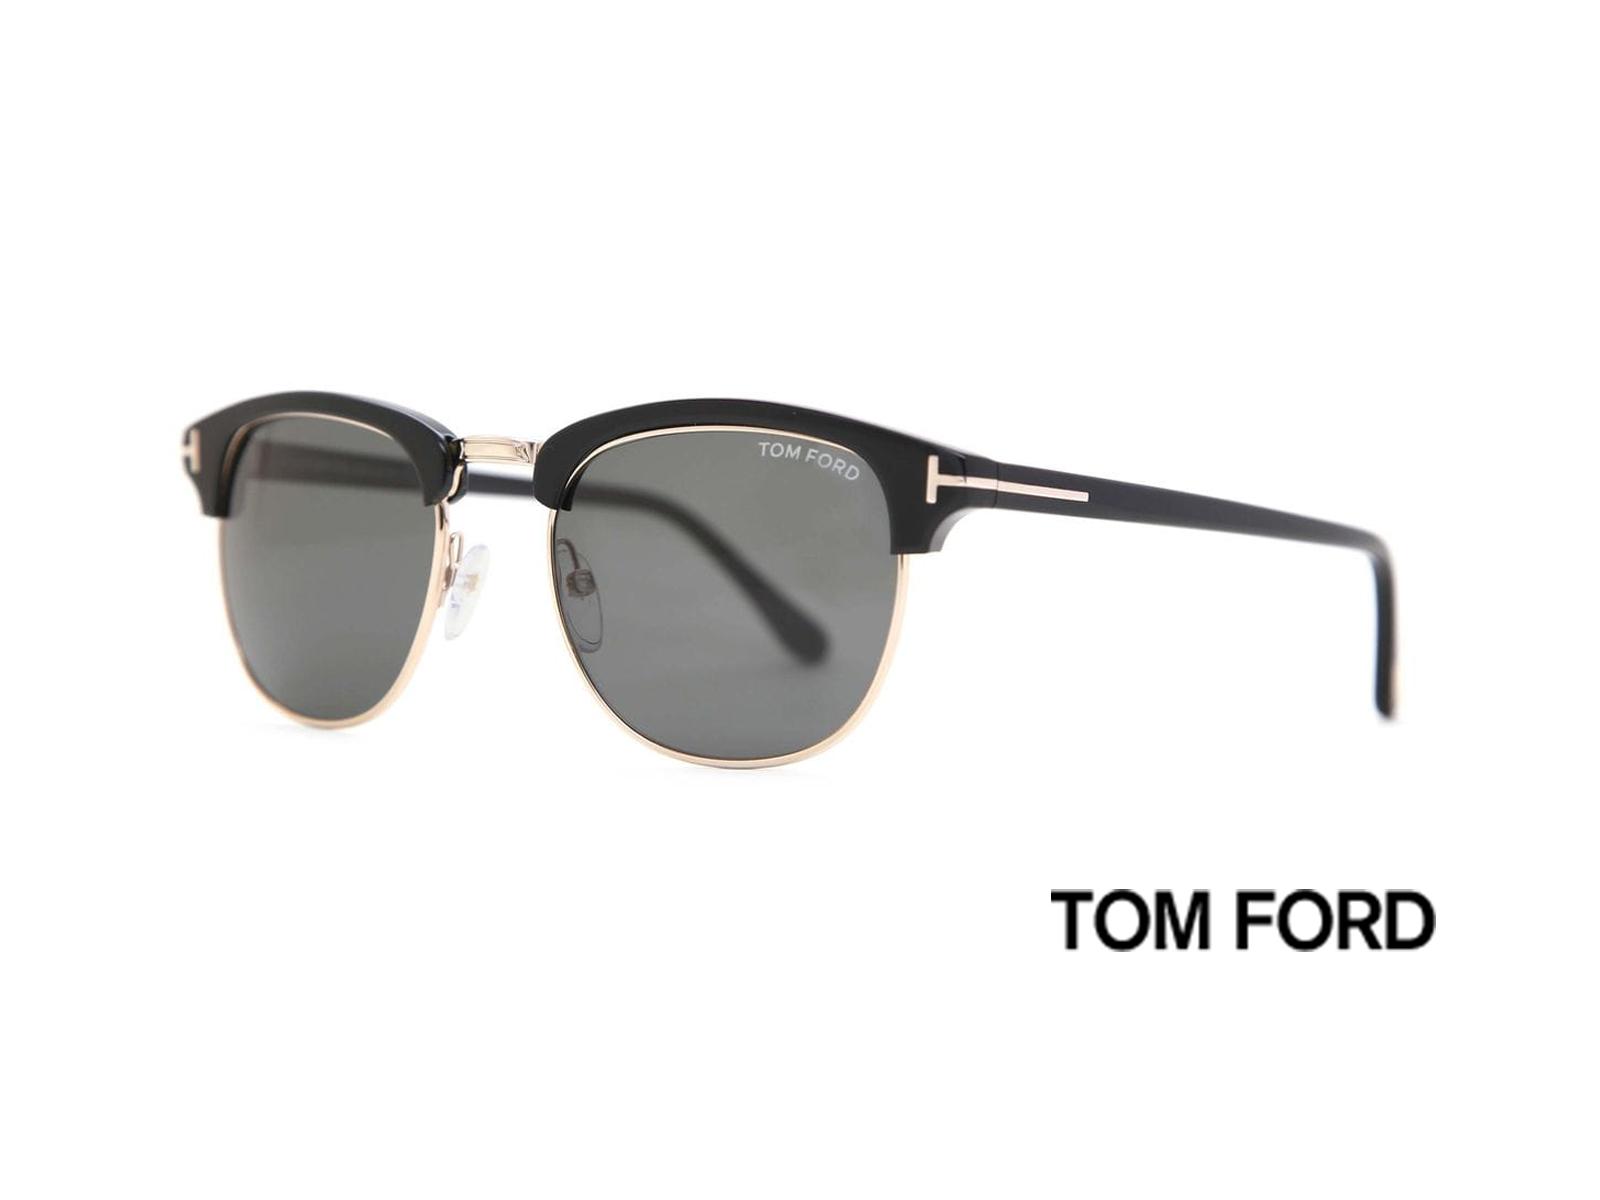 【海外直送】Tom Fordトムフォード サングラス メンズTom Ford FT0248 HENRY 05N送料無料53サイズ  正規品 安い ケース付 クロス付